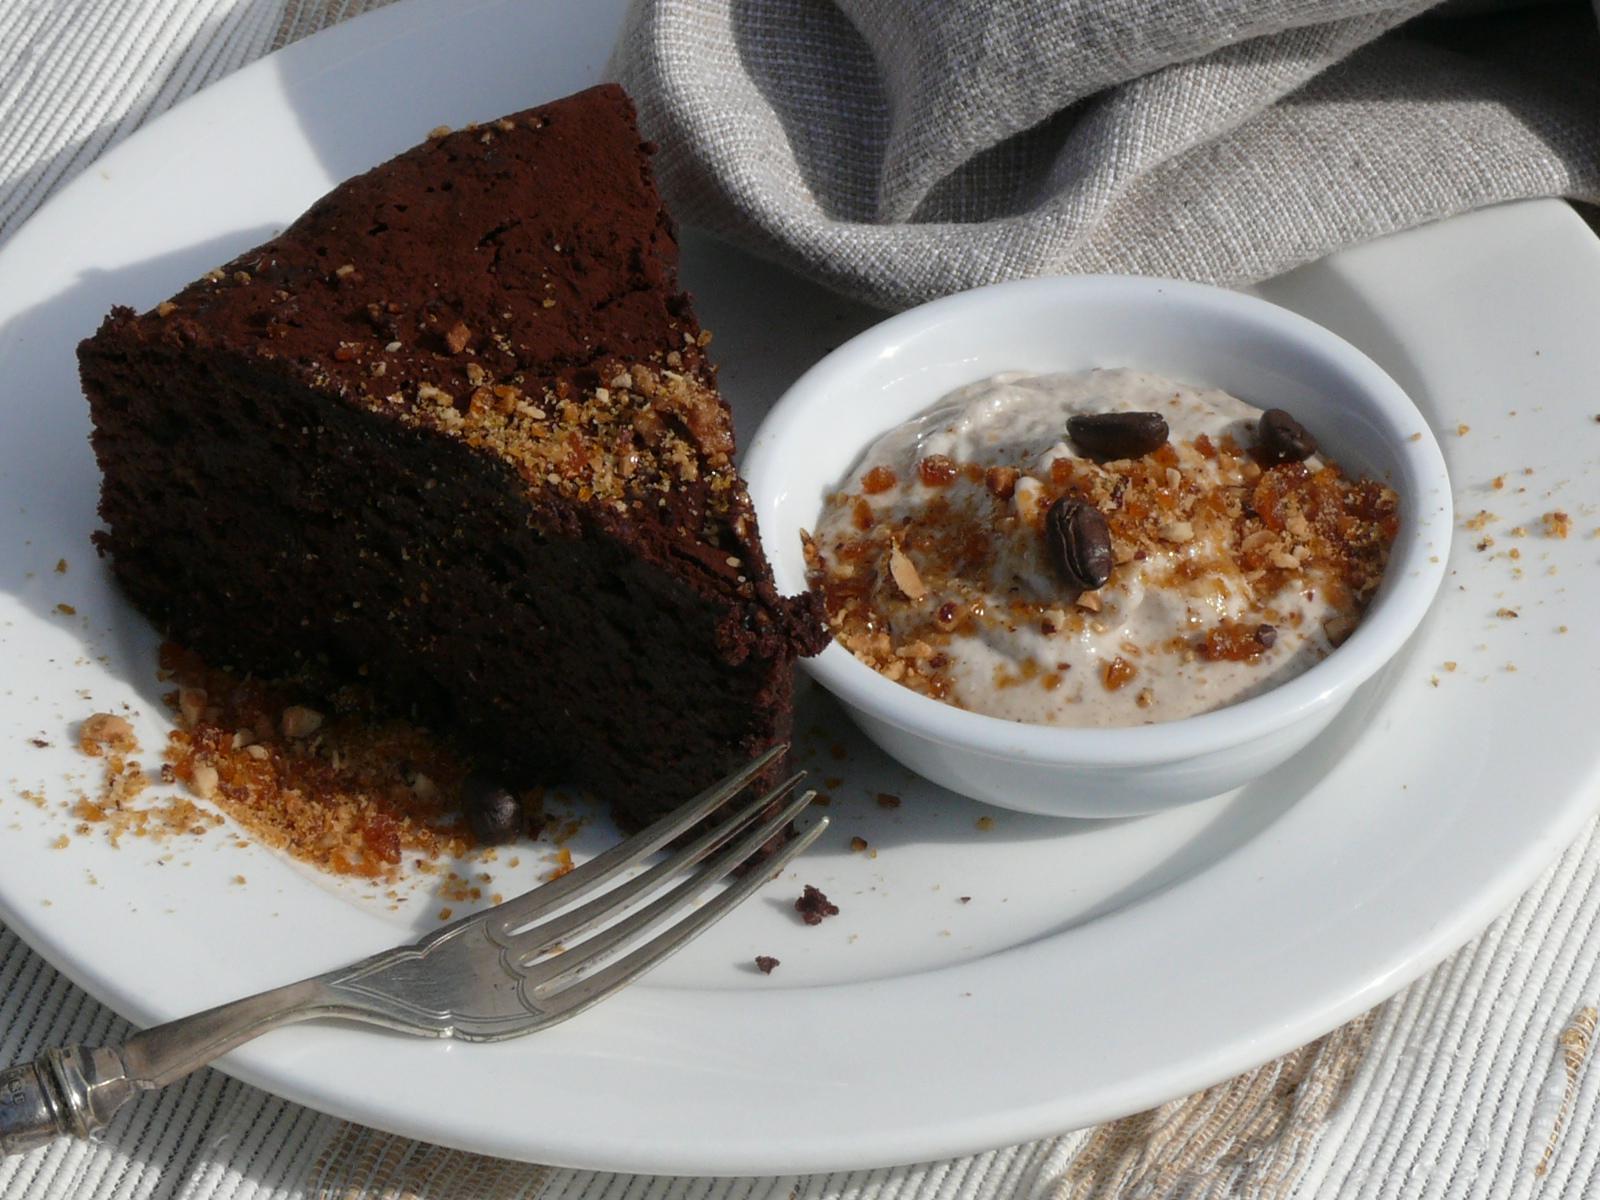 cashew cream and chocolate cake